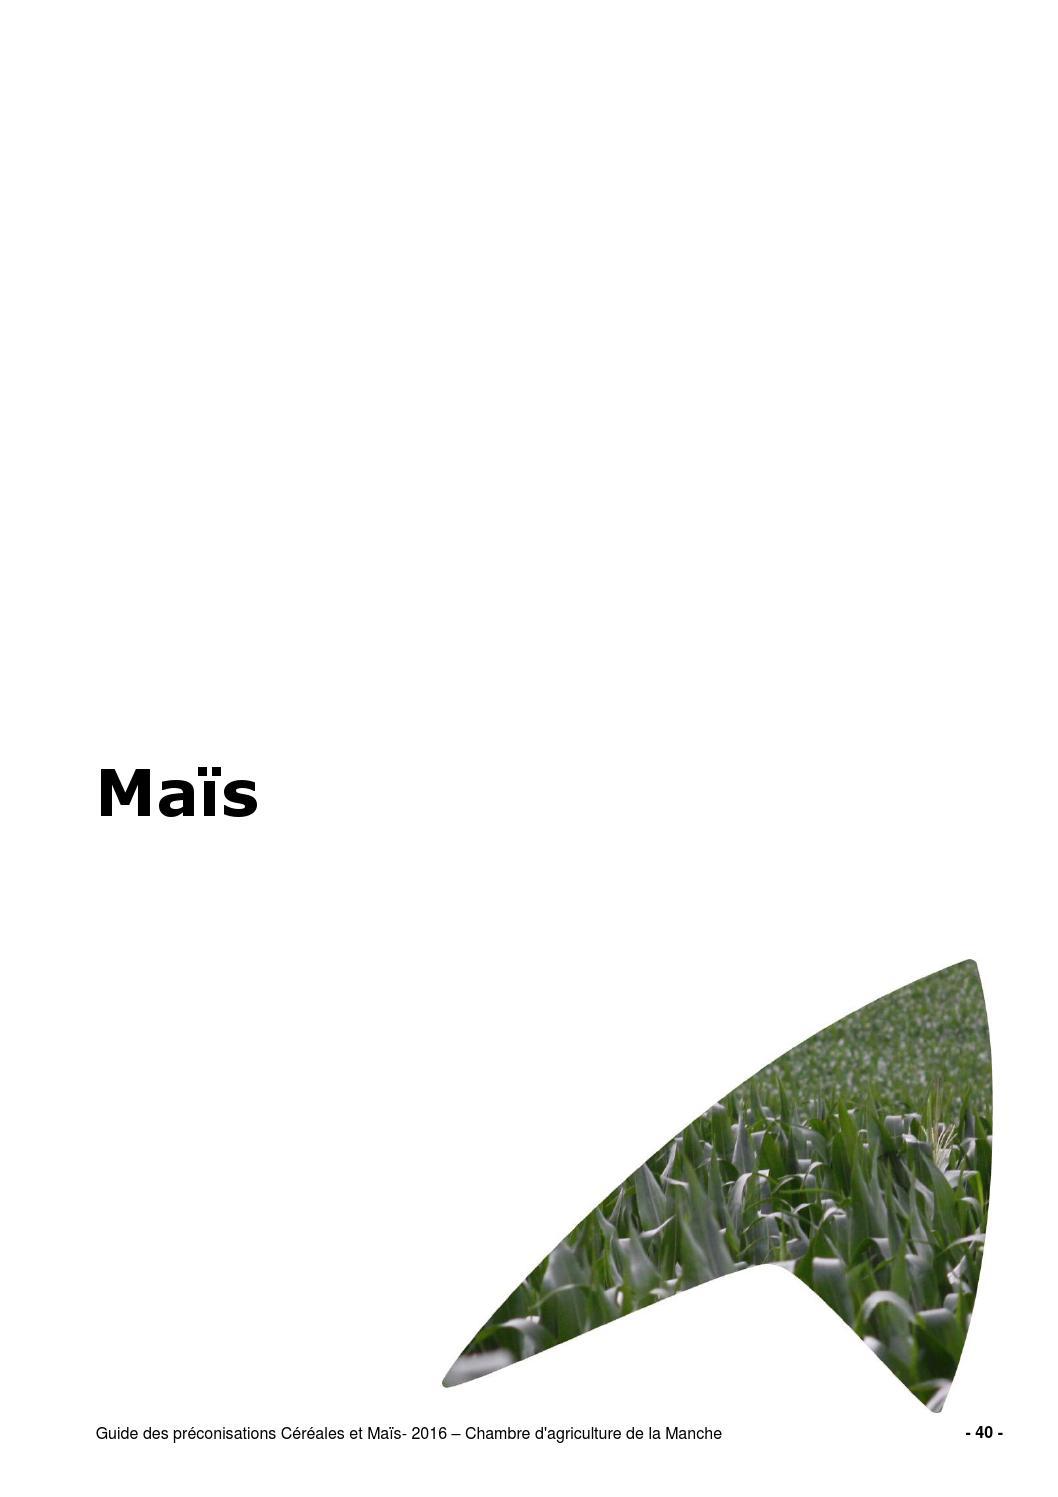 Guide complet de la culture du ma s by chambre d - Chambre d agriculture de la manche ...